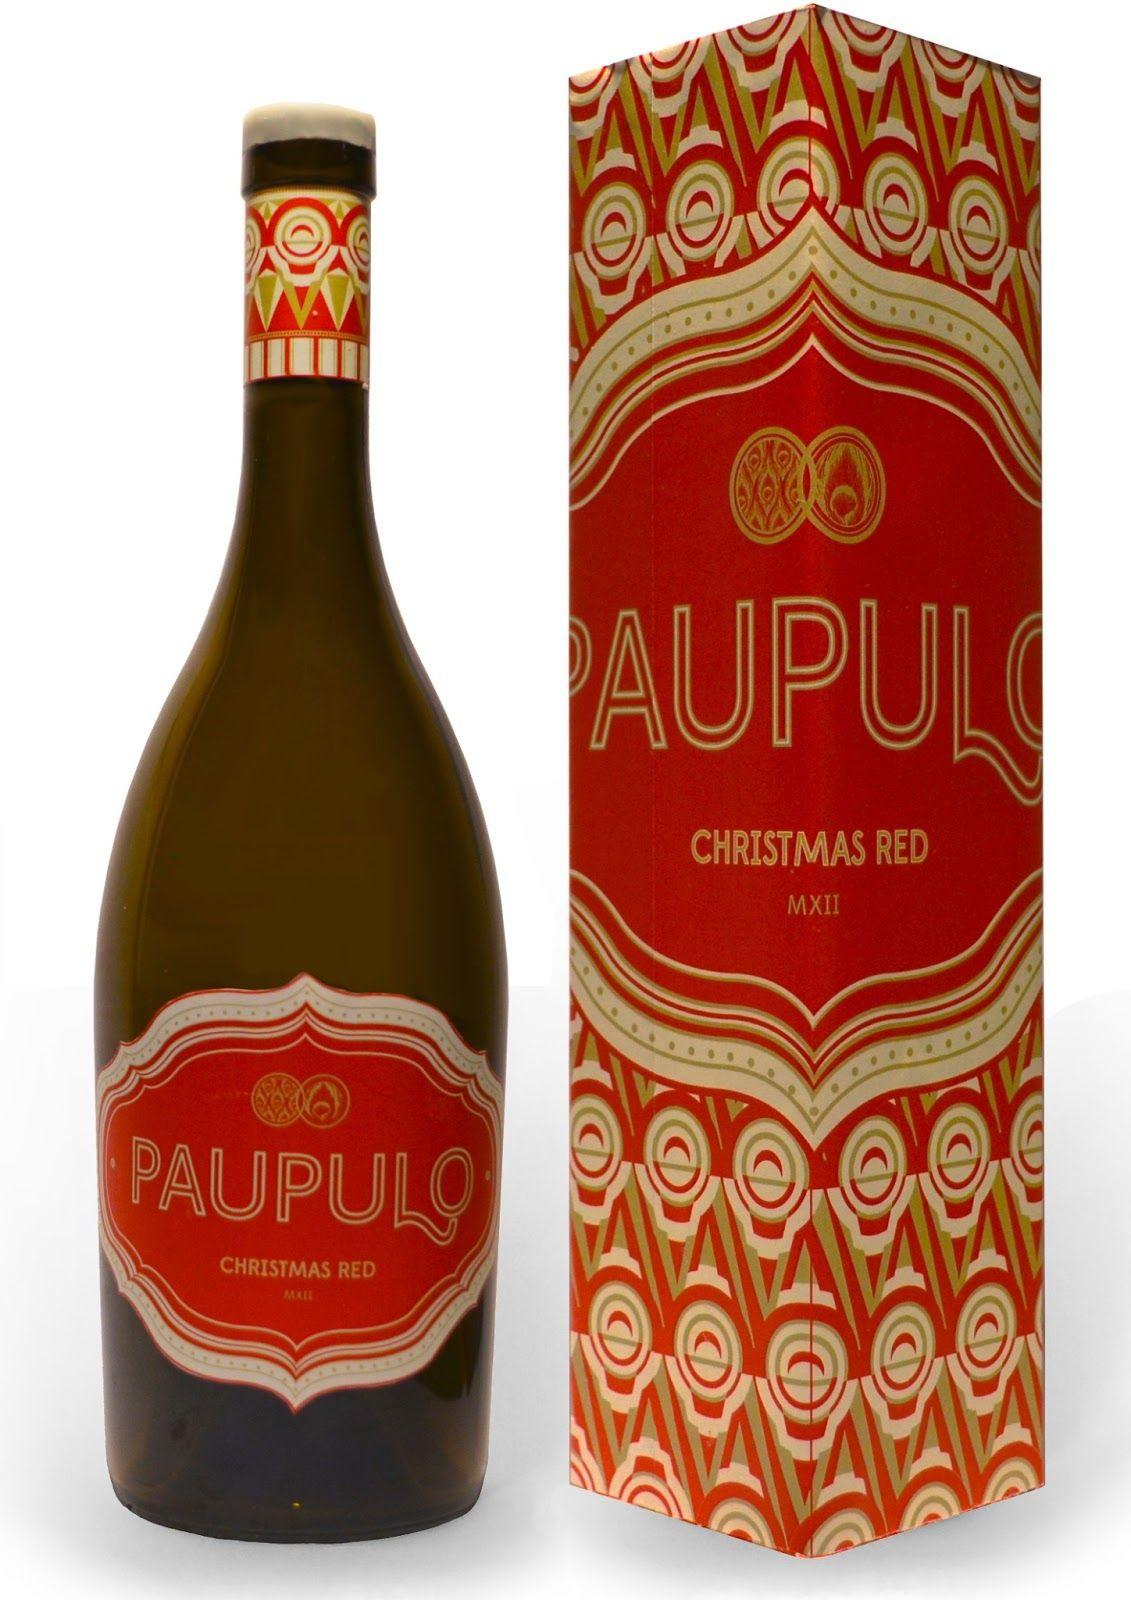 Paupulo Packaging Design Creative Packaging Design Vintage Packaging